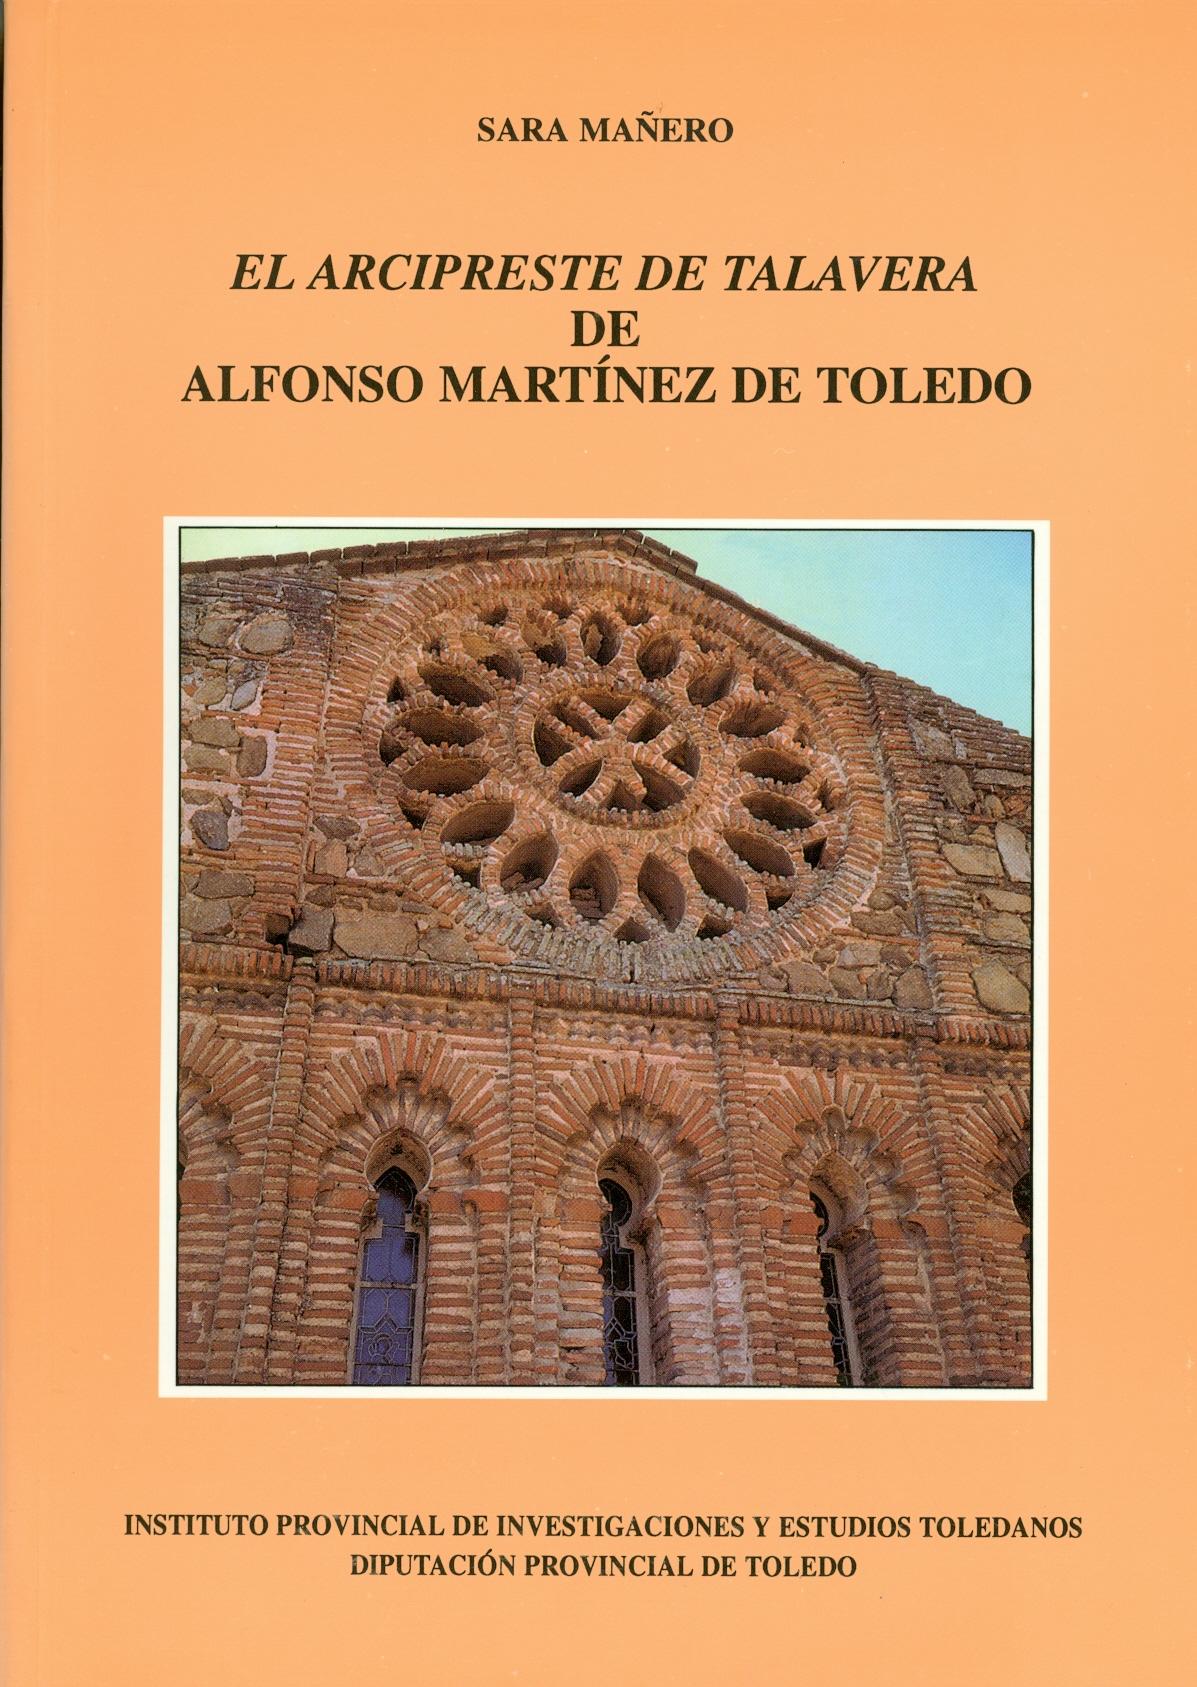 'El Arcipreste de Talavera' de Alfonso Martínez de Toledo